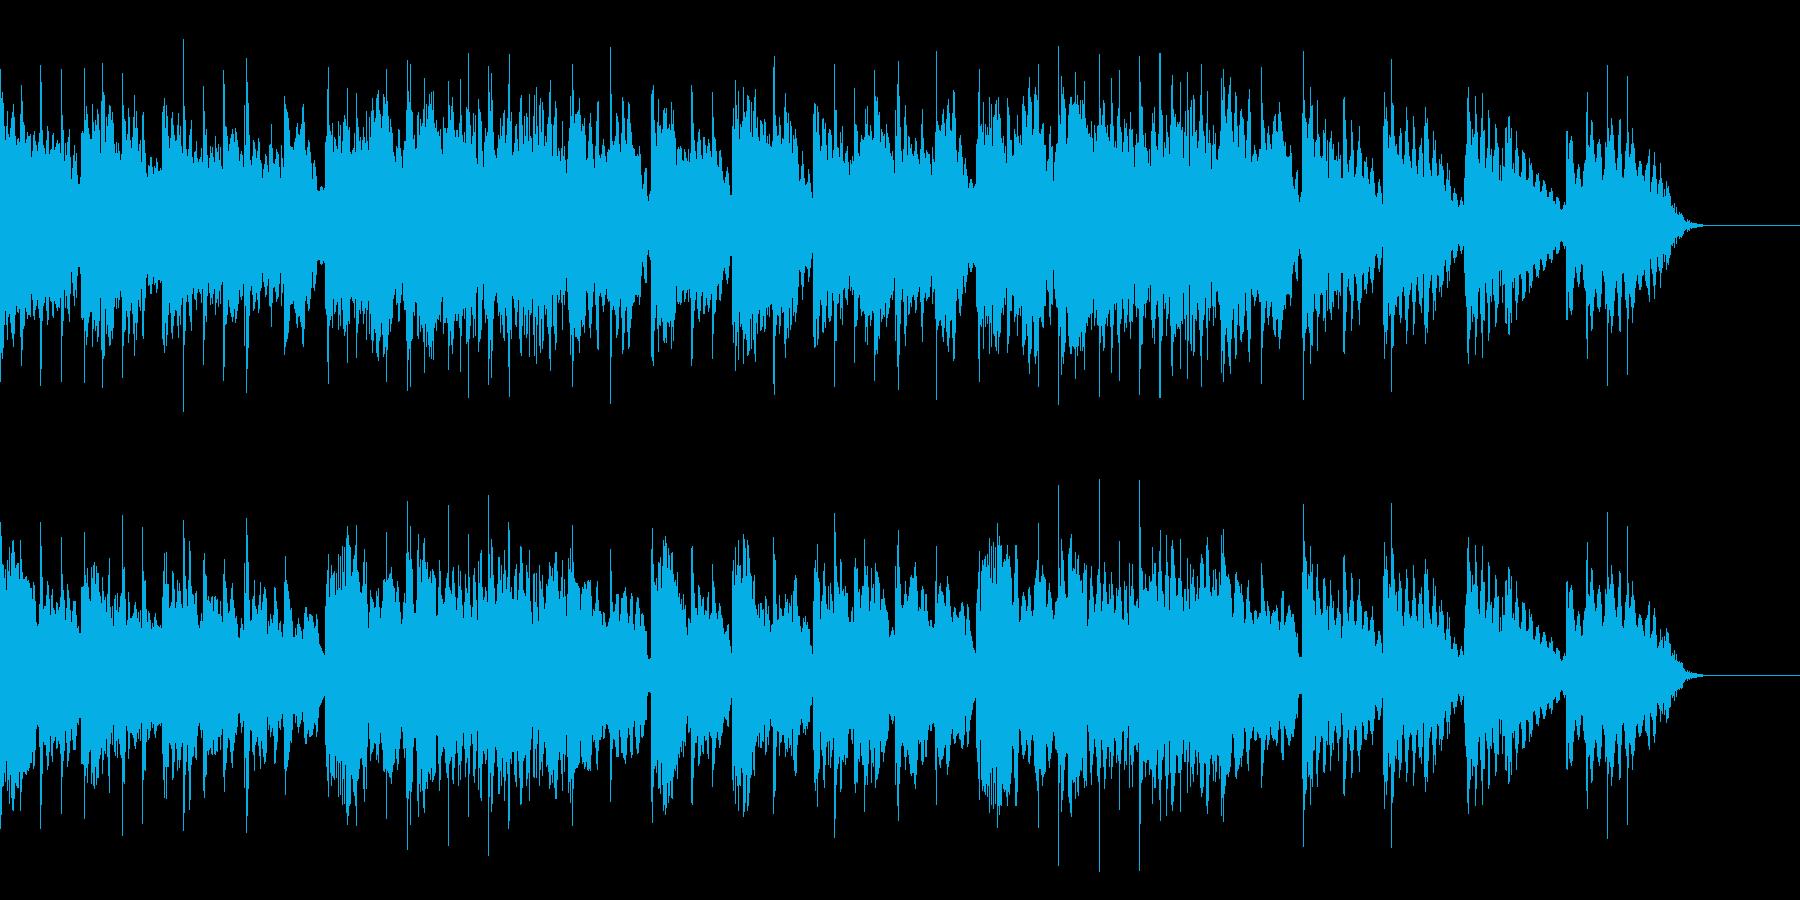 エンディング感のある優しい旋律のエレピの再生済みの波形